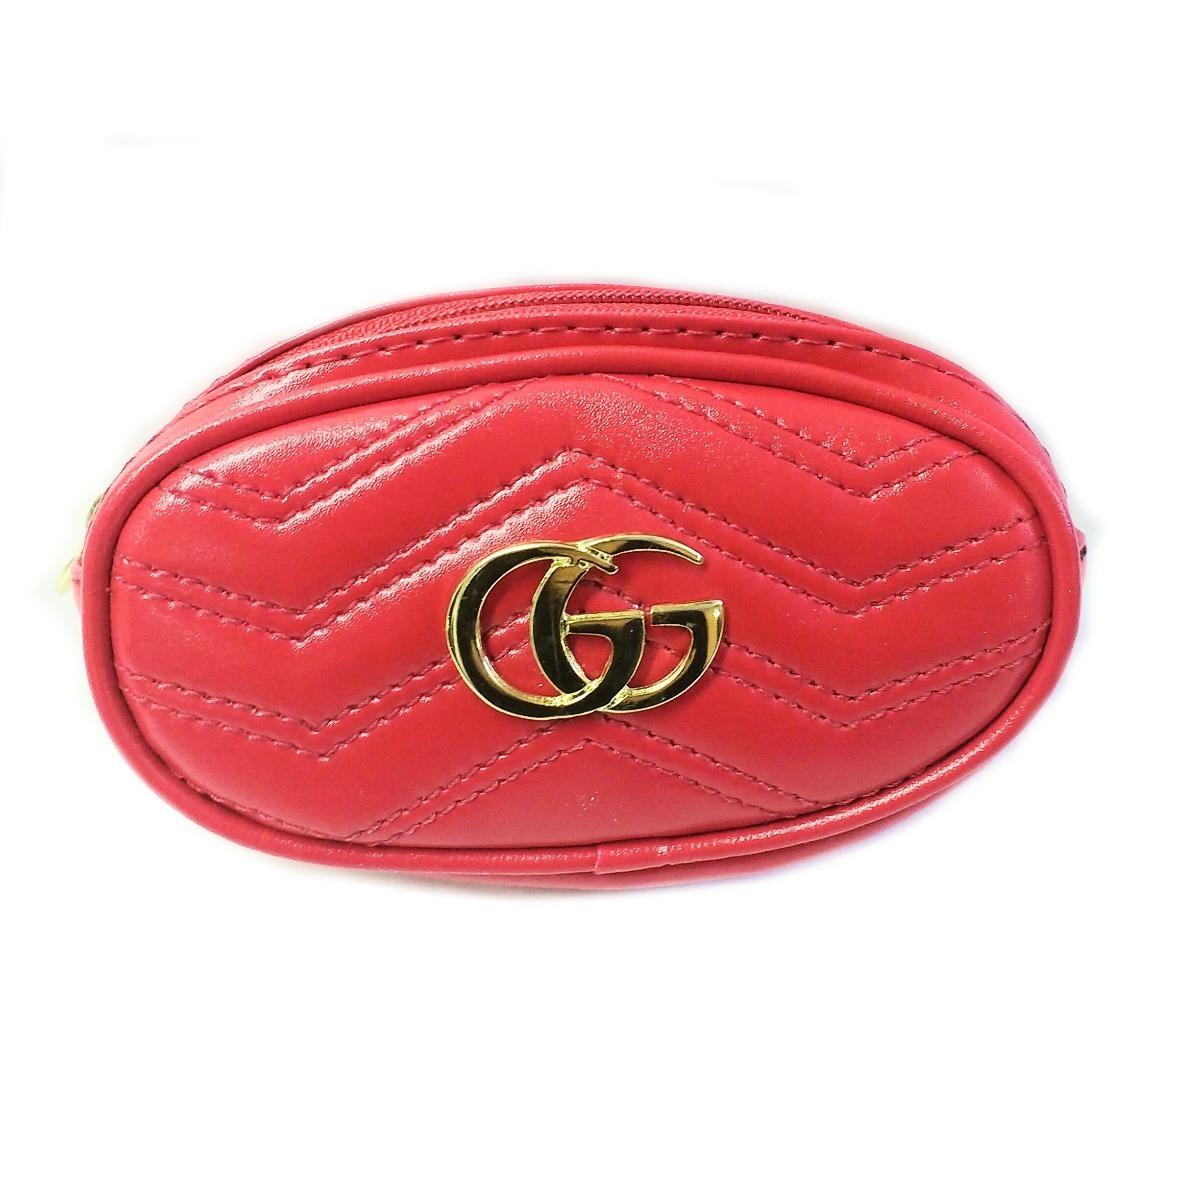 4dcd129a6 pochete gucci double g vermelha - moda grife blogueiras. Carregando zoom.